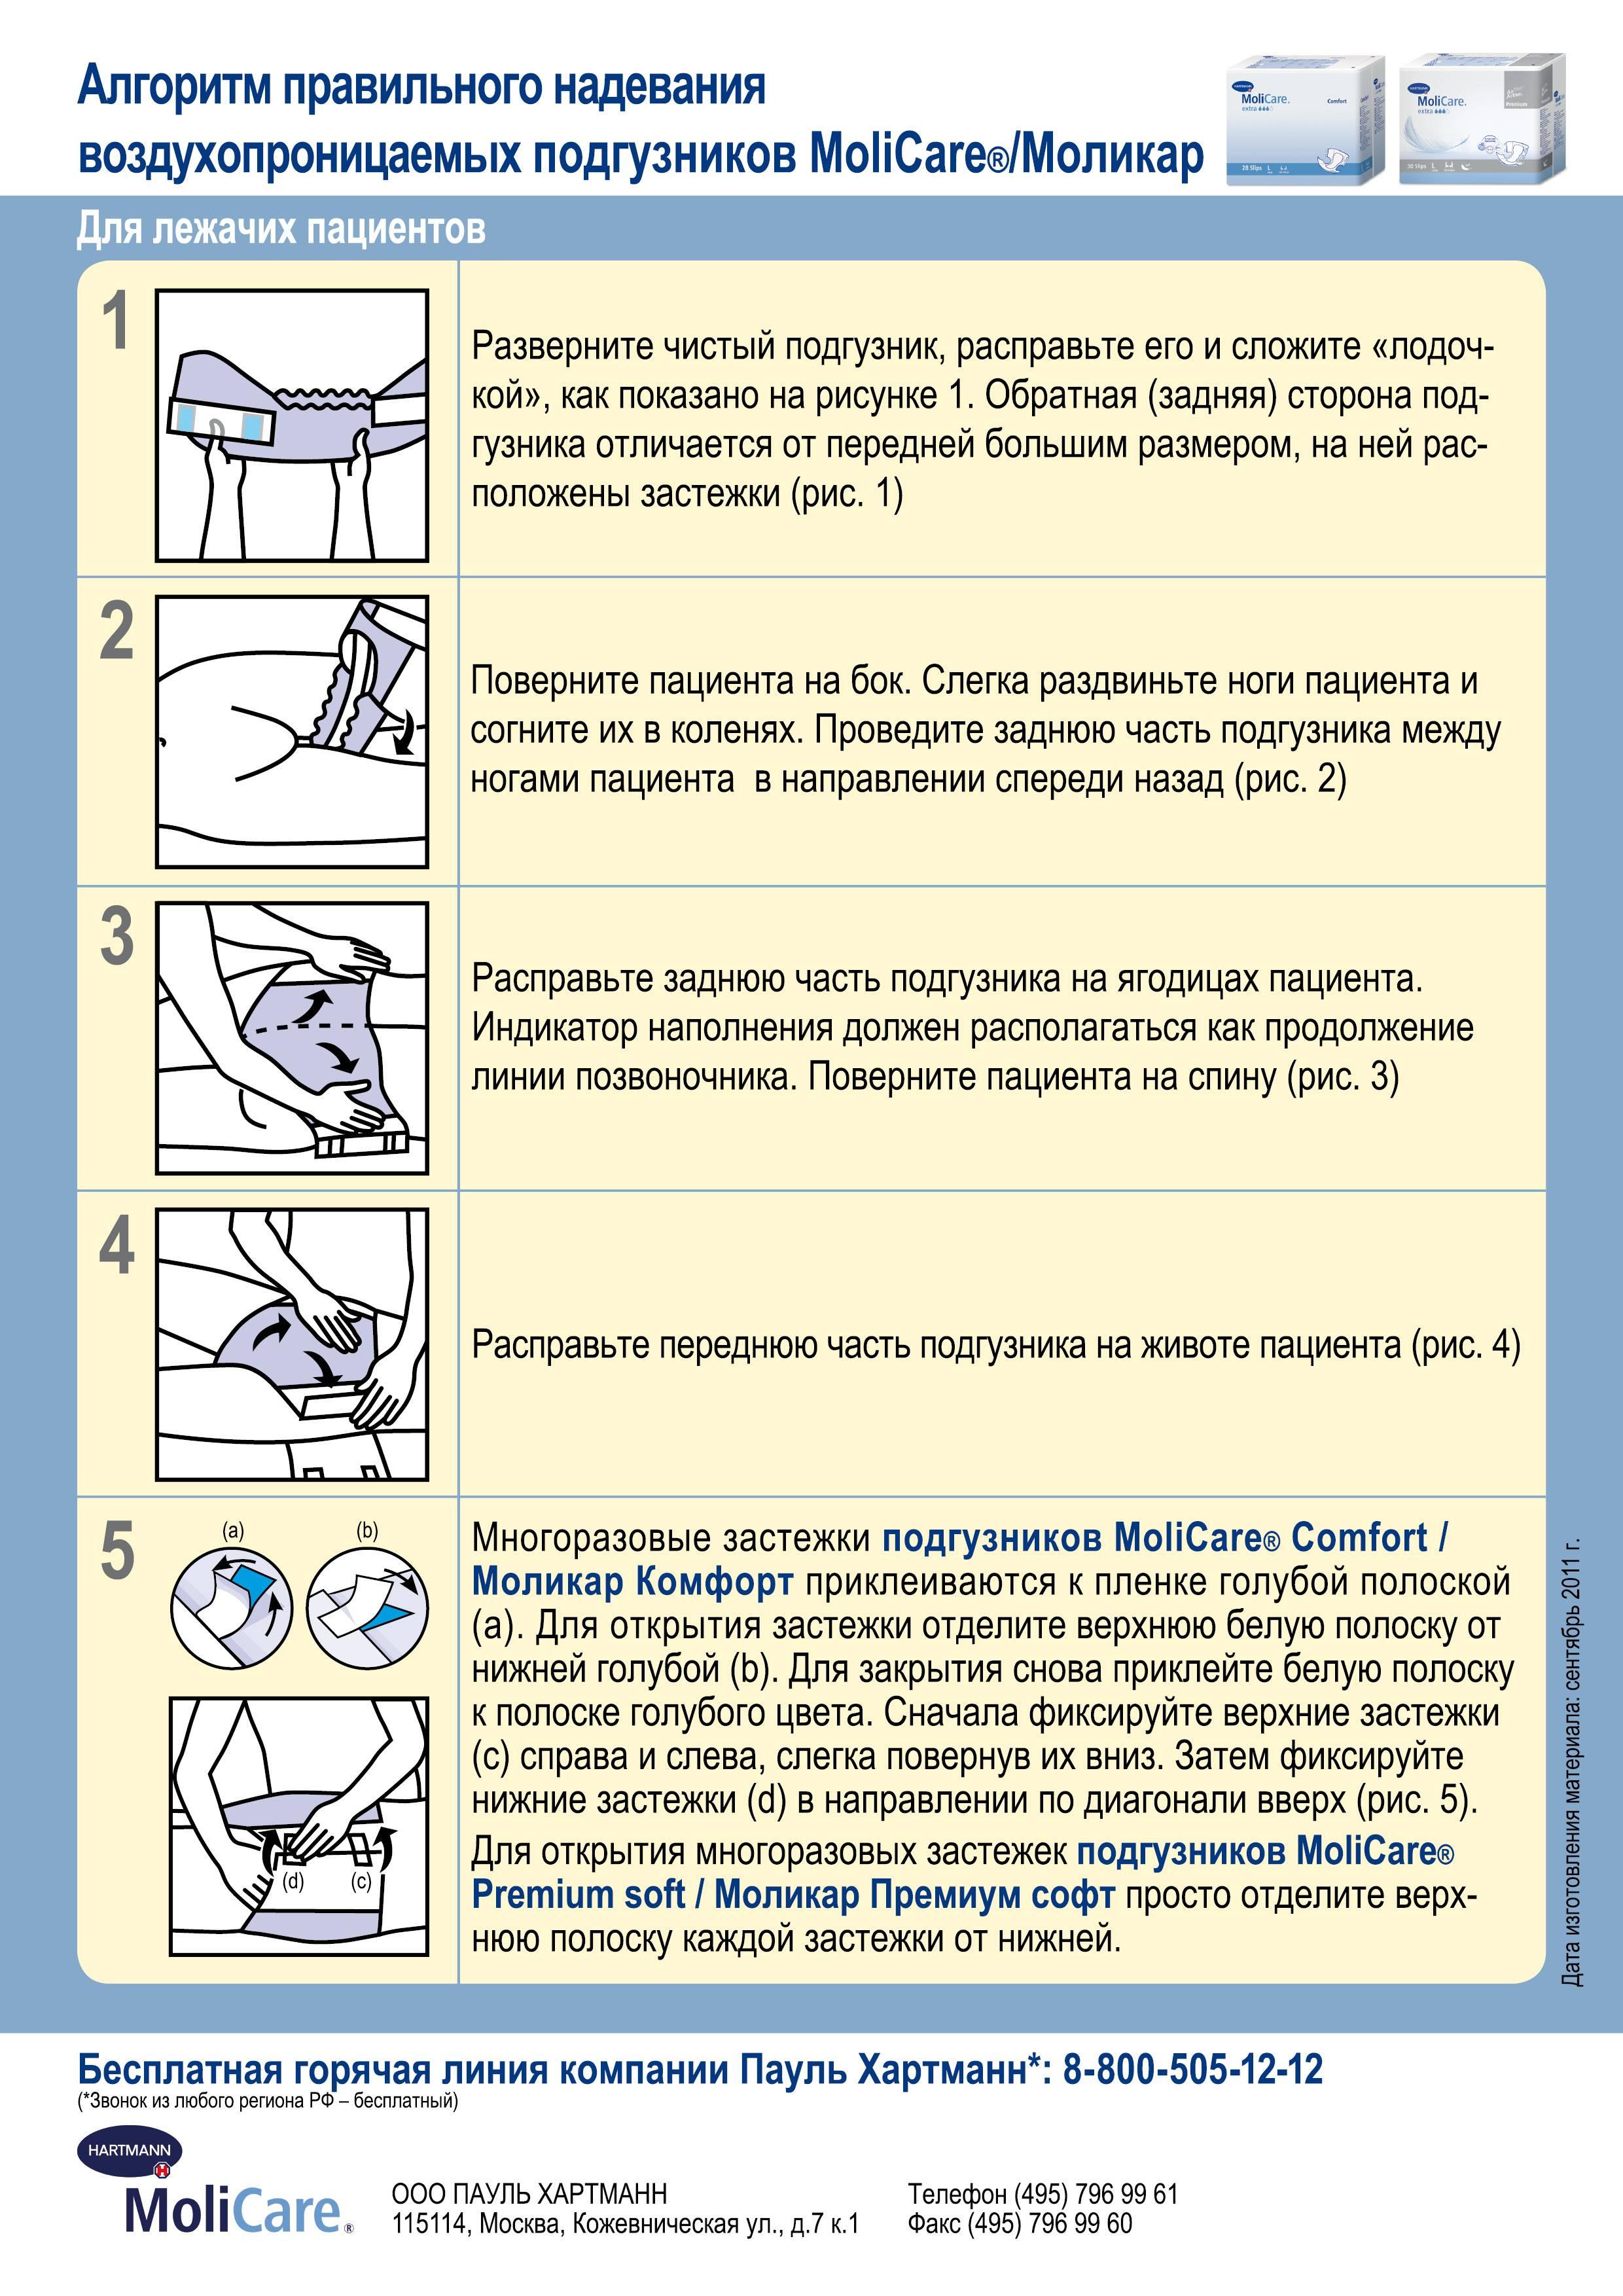 Советы для мам: как выбрать хорошие подгузники? ❗️☘️ ( ͡ʘ ͜ʖ ͡ʘ)